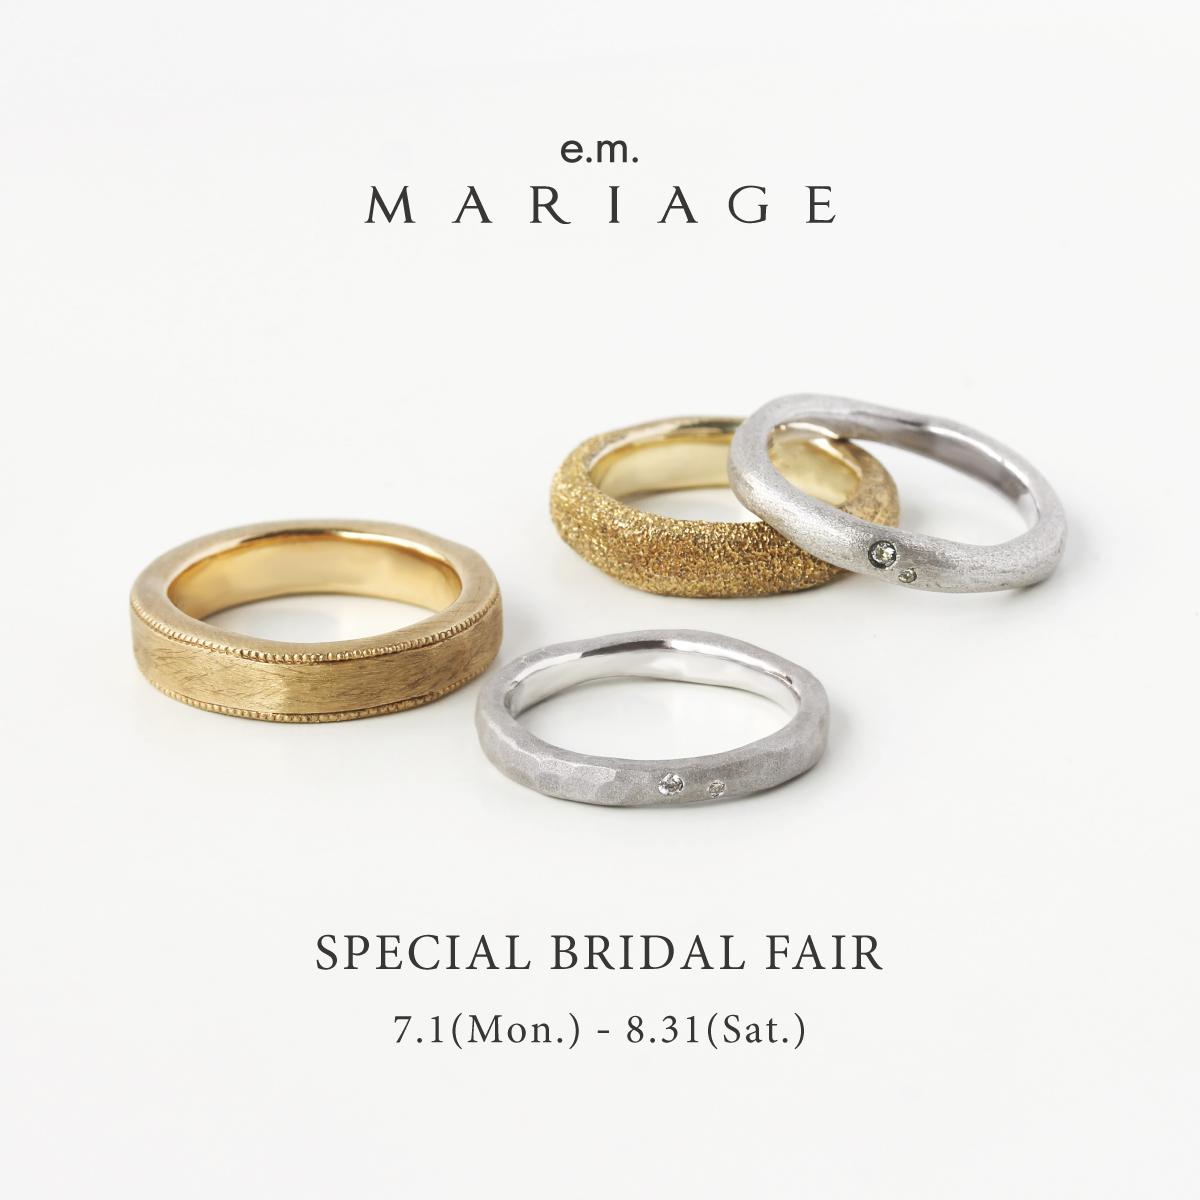 e.m.MARIAGE_specialbridalfair_shinjukuisetan1F